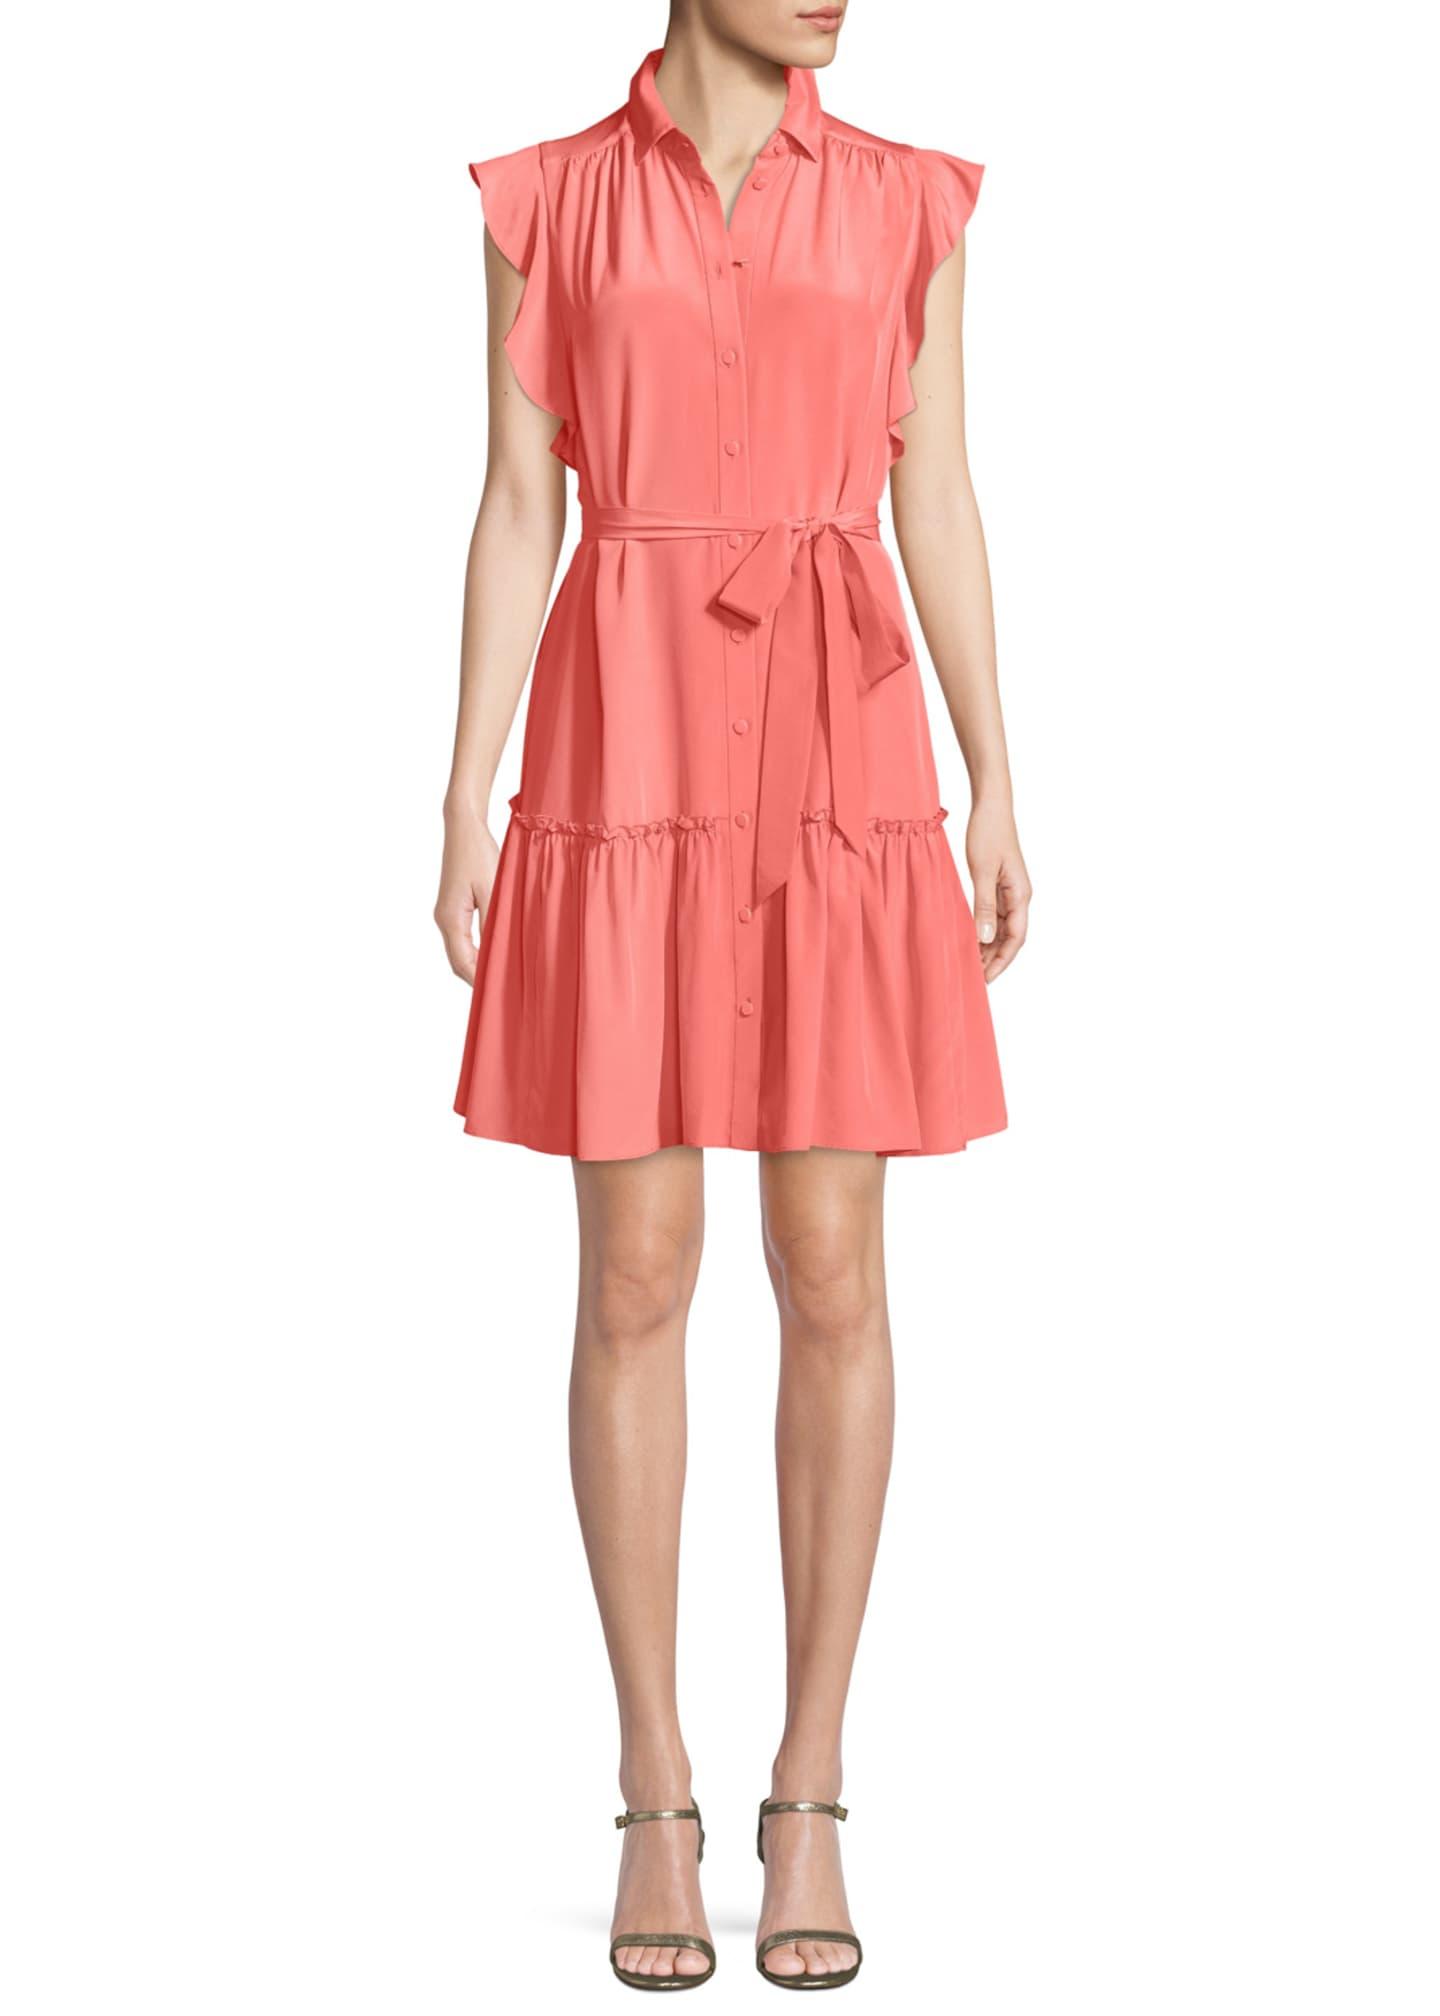 kate spade new york silk dress w/ ruffle